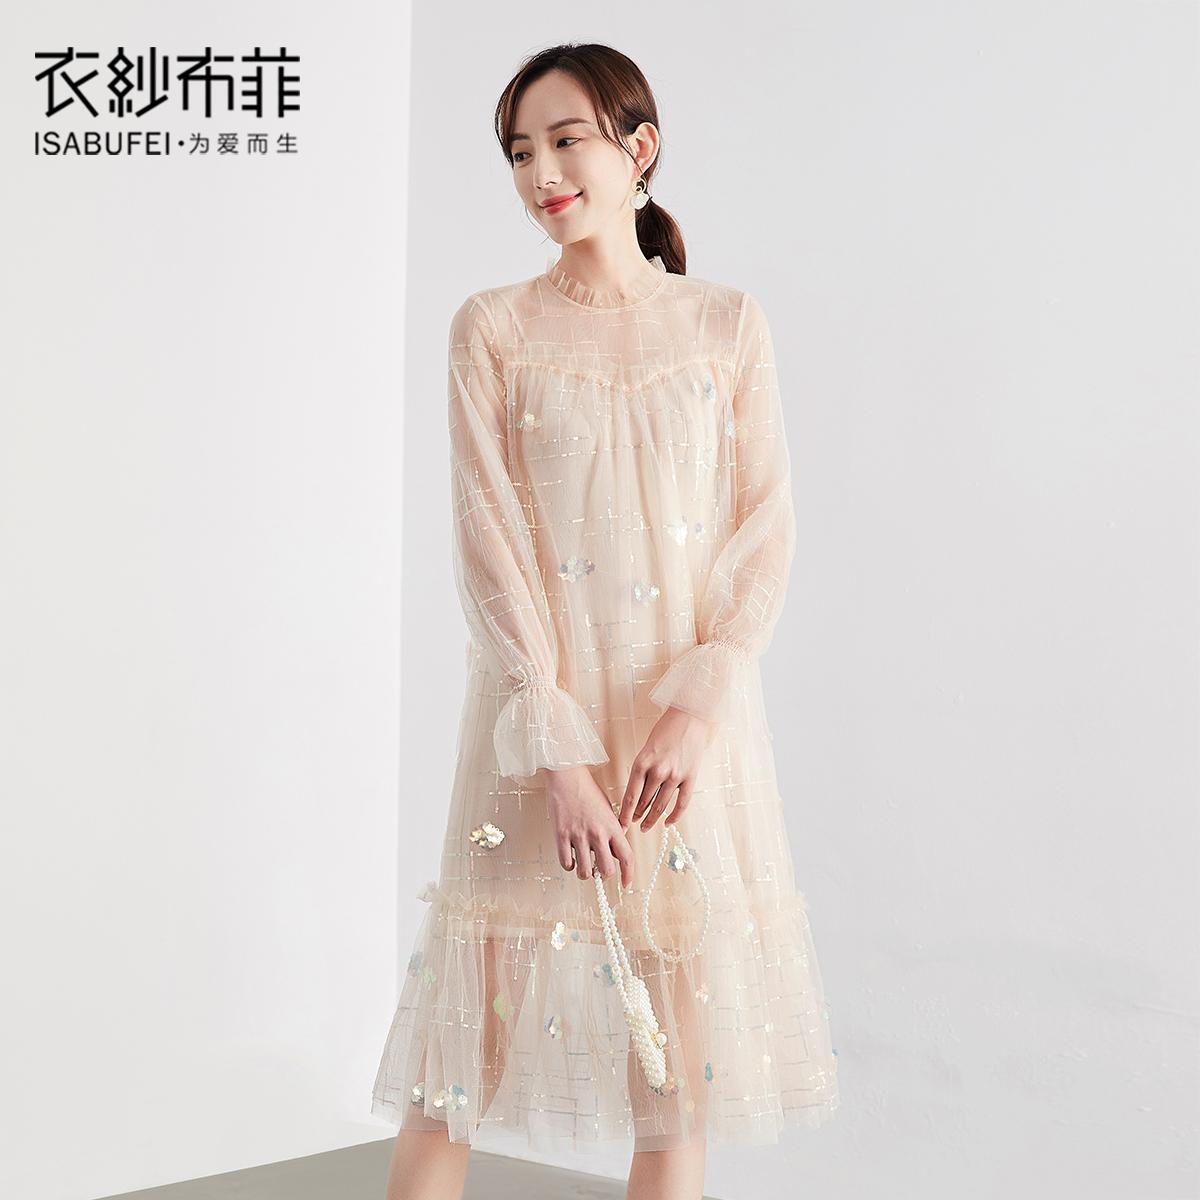 茉茵2019年夏季新款遮肉显瘦连衣裙满528.00元可用259元优惠券